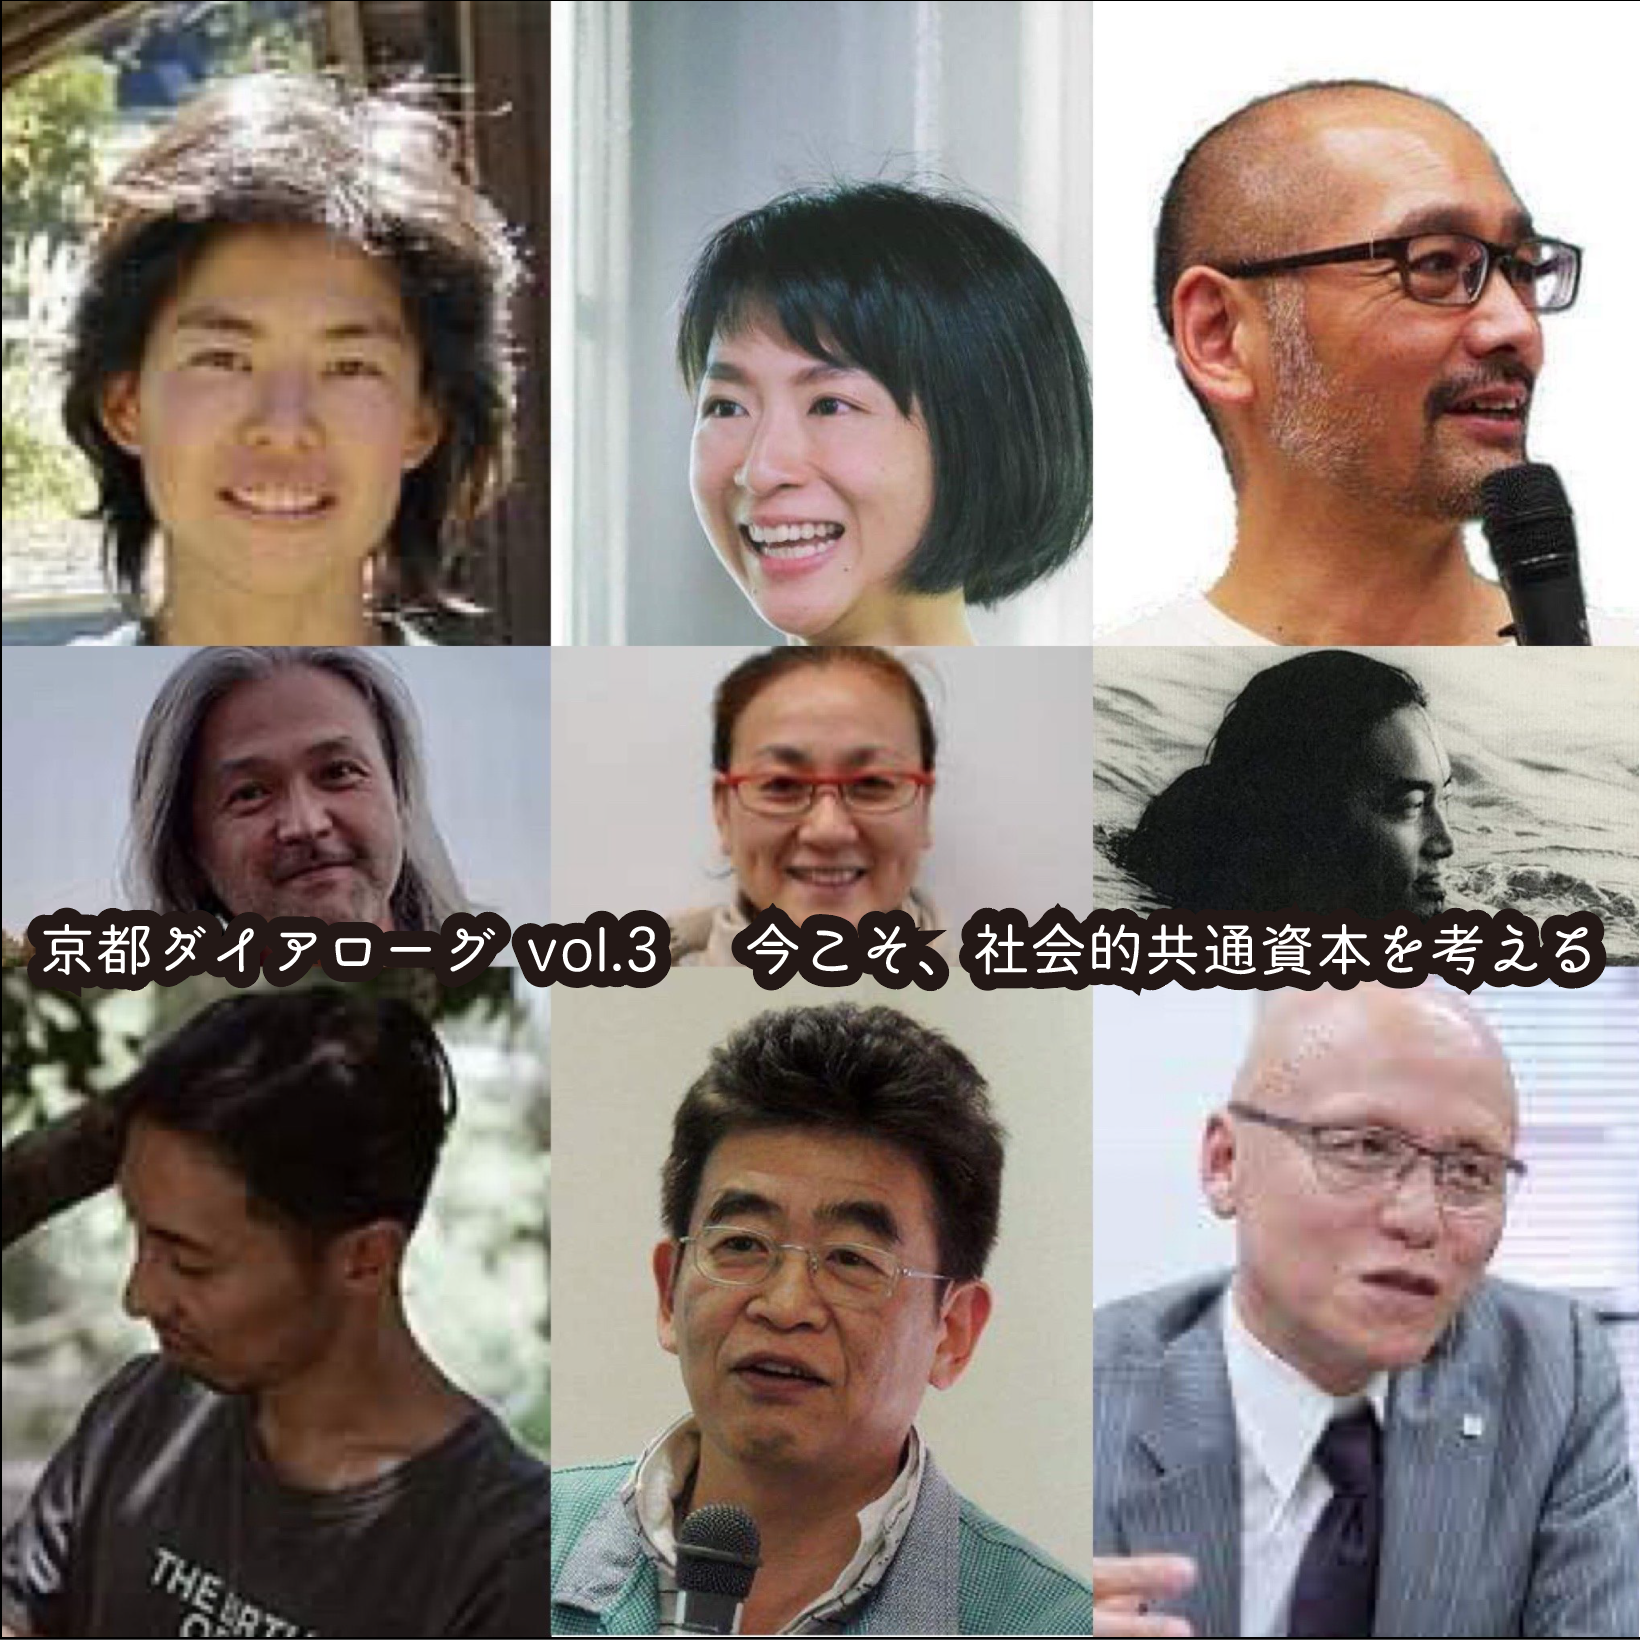 京都ダイアローグ vol.3 「今こそ、社会的共通資本を考える」